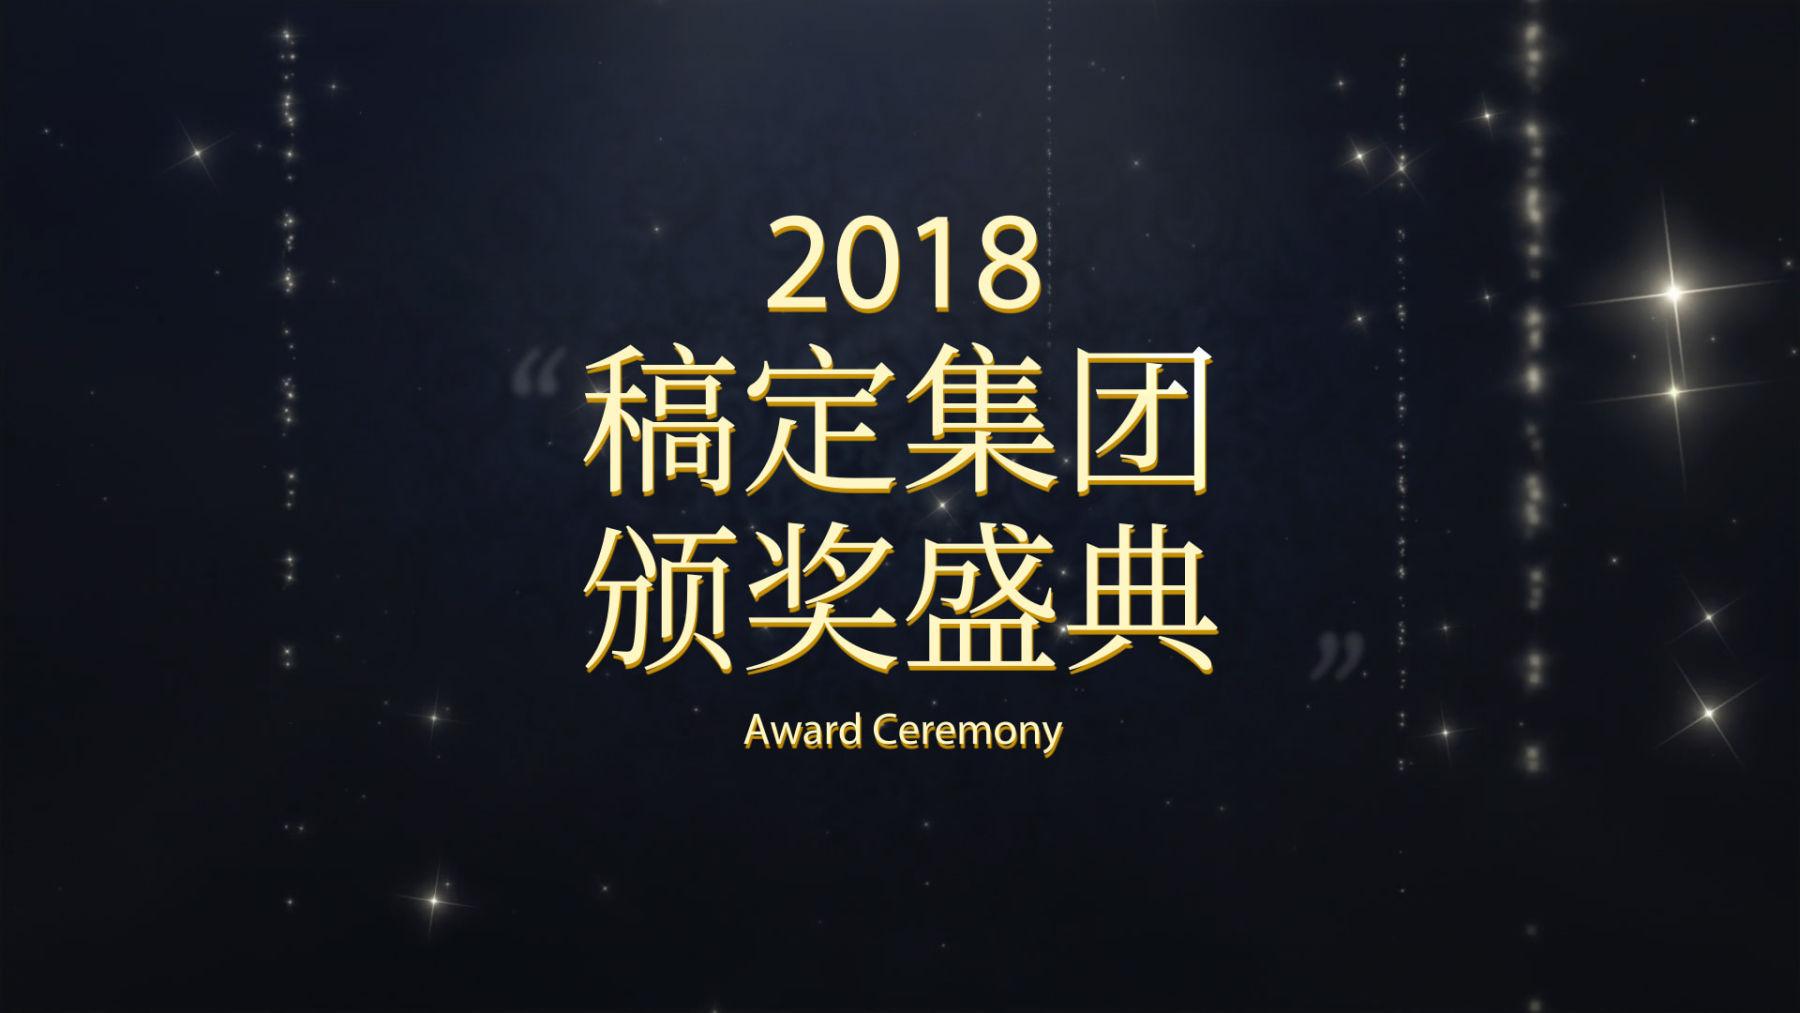 片头-星光璀璨颁奖